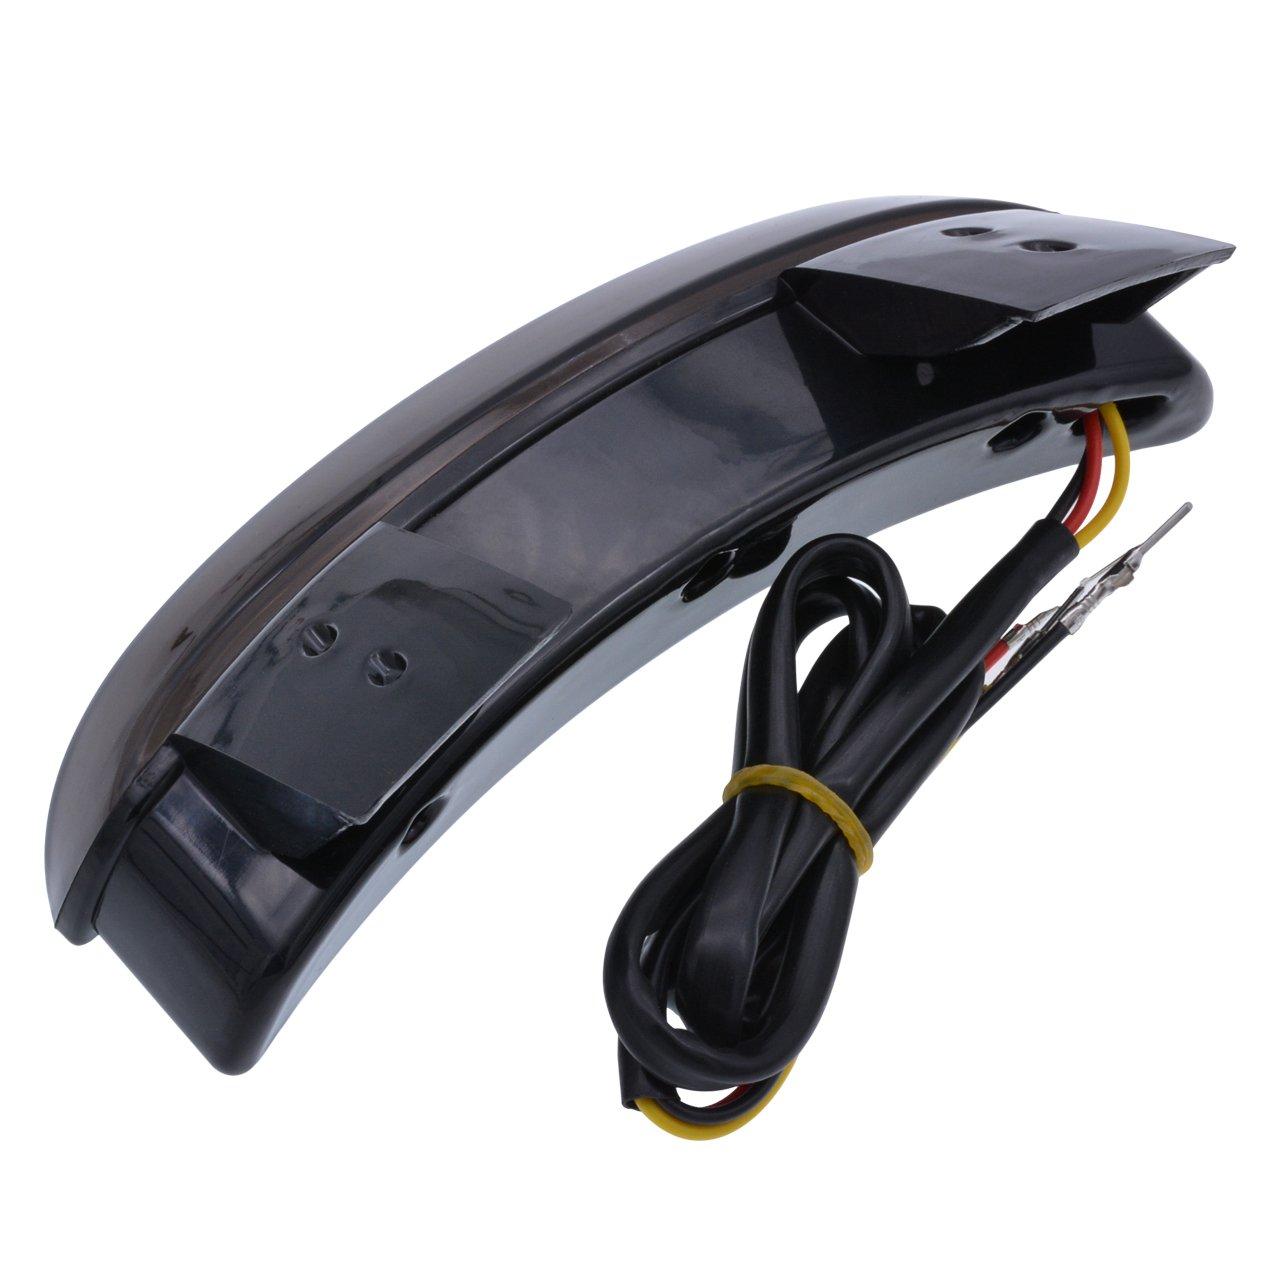 Tuincyn moto parafango posteriore rosso lente tritato Edge fanale posteriore freno targa LED luce stop luci di ricambio per Harley Sportster XL883/N 1200/N XL1200/V XL1200/x